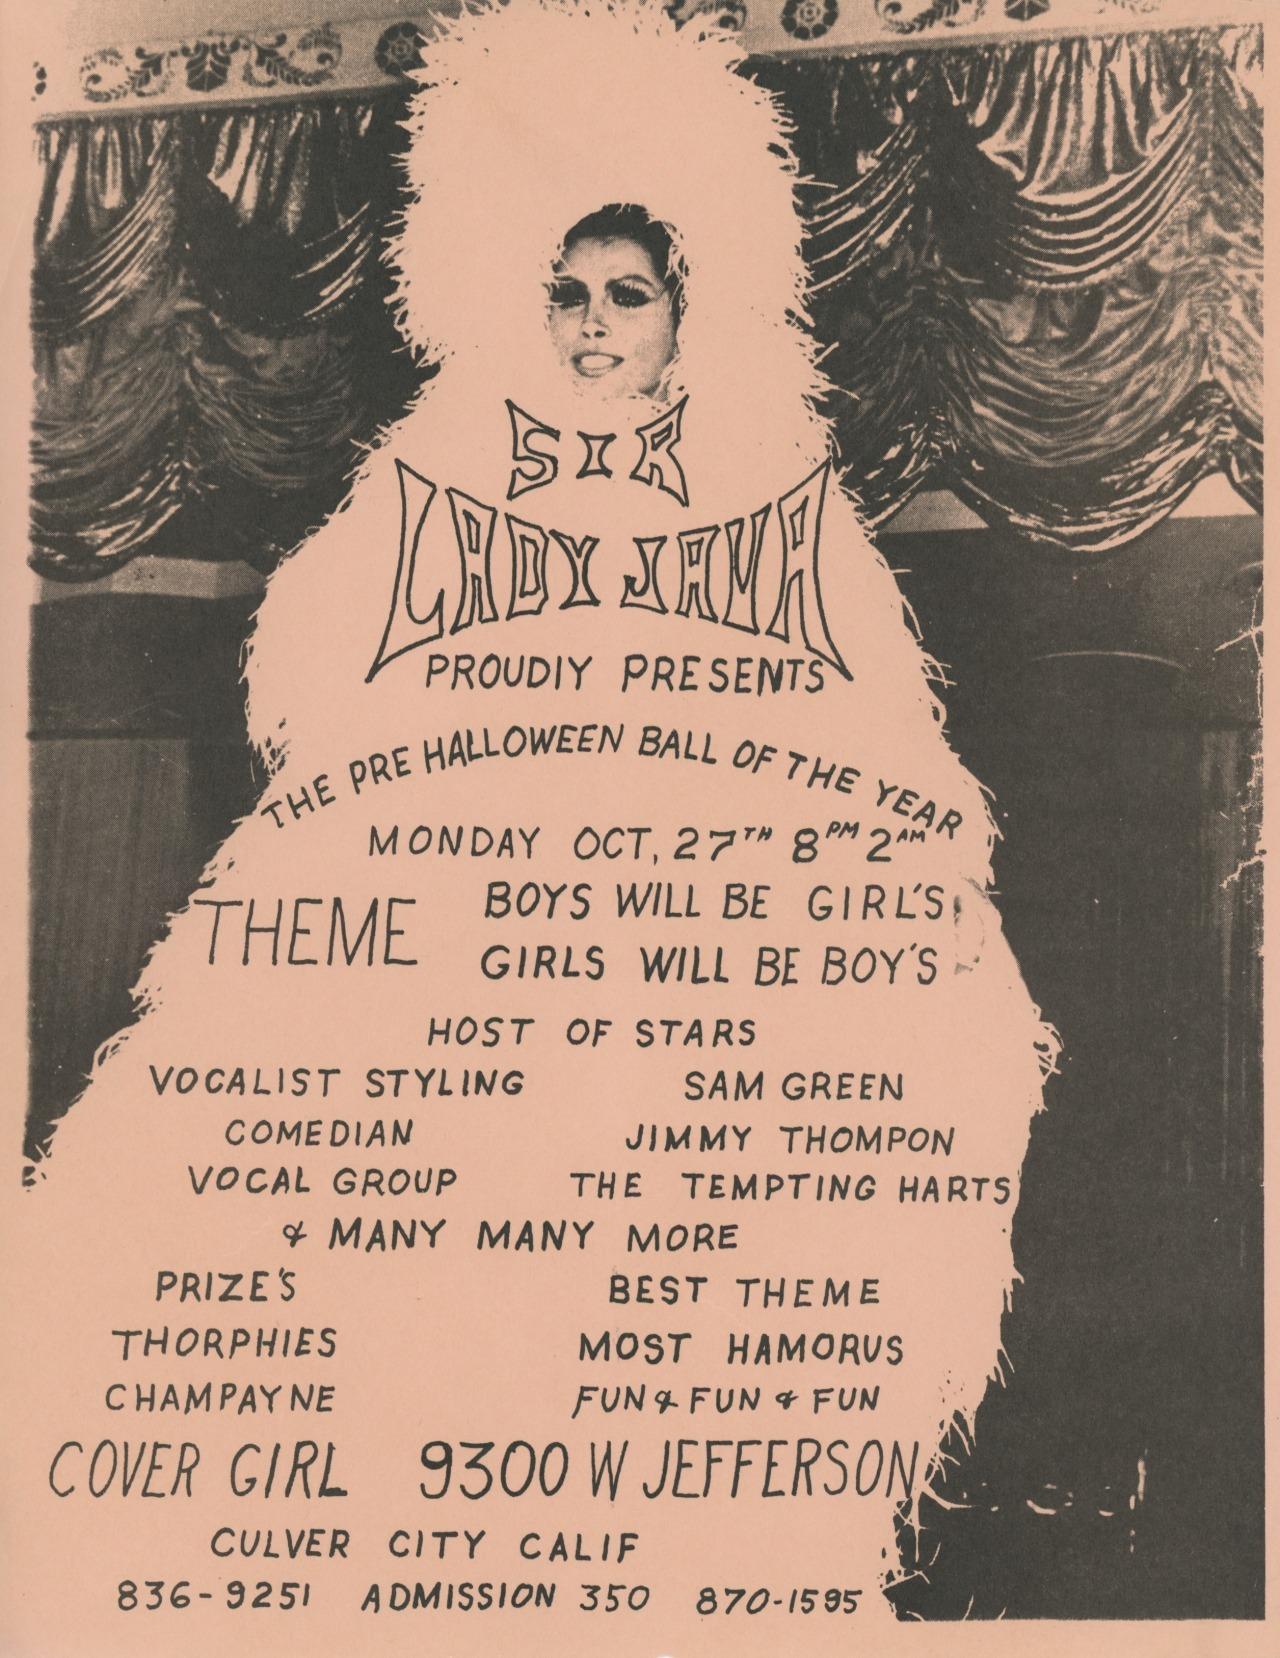 Sir Lady Java at Culver City, October 27, 1969